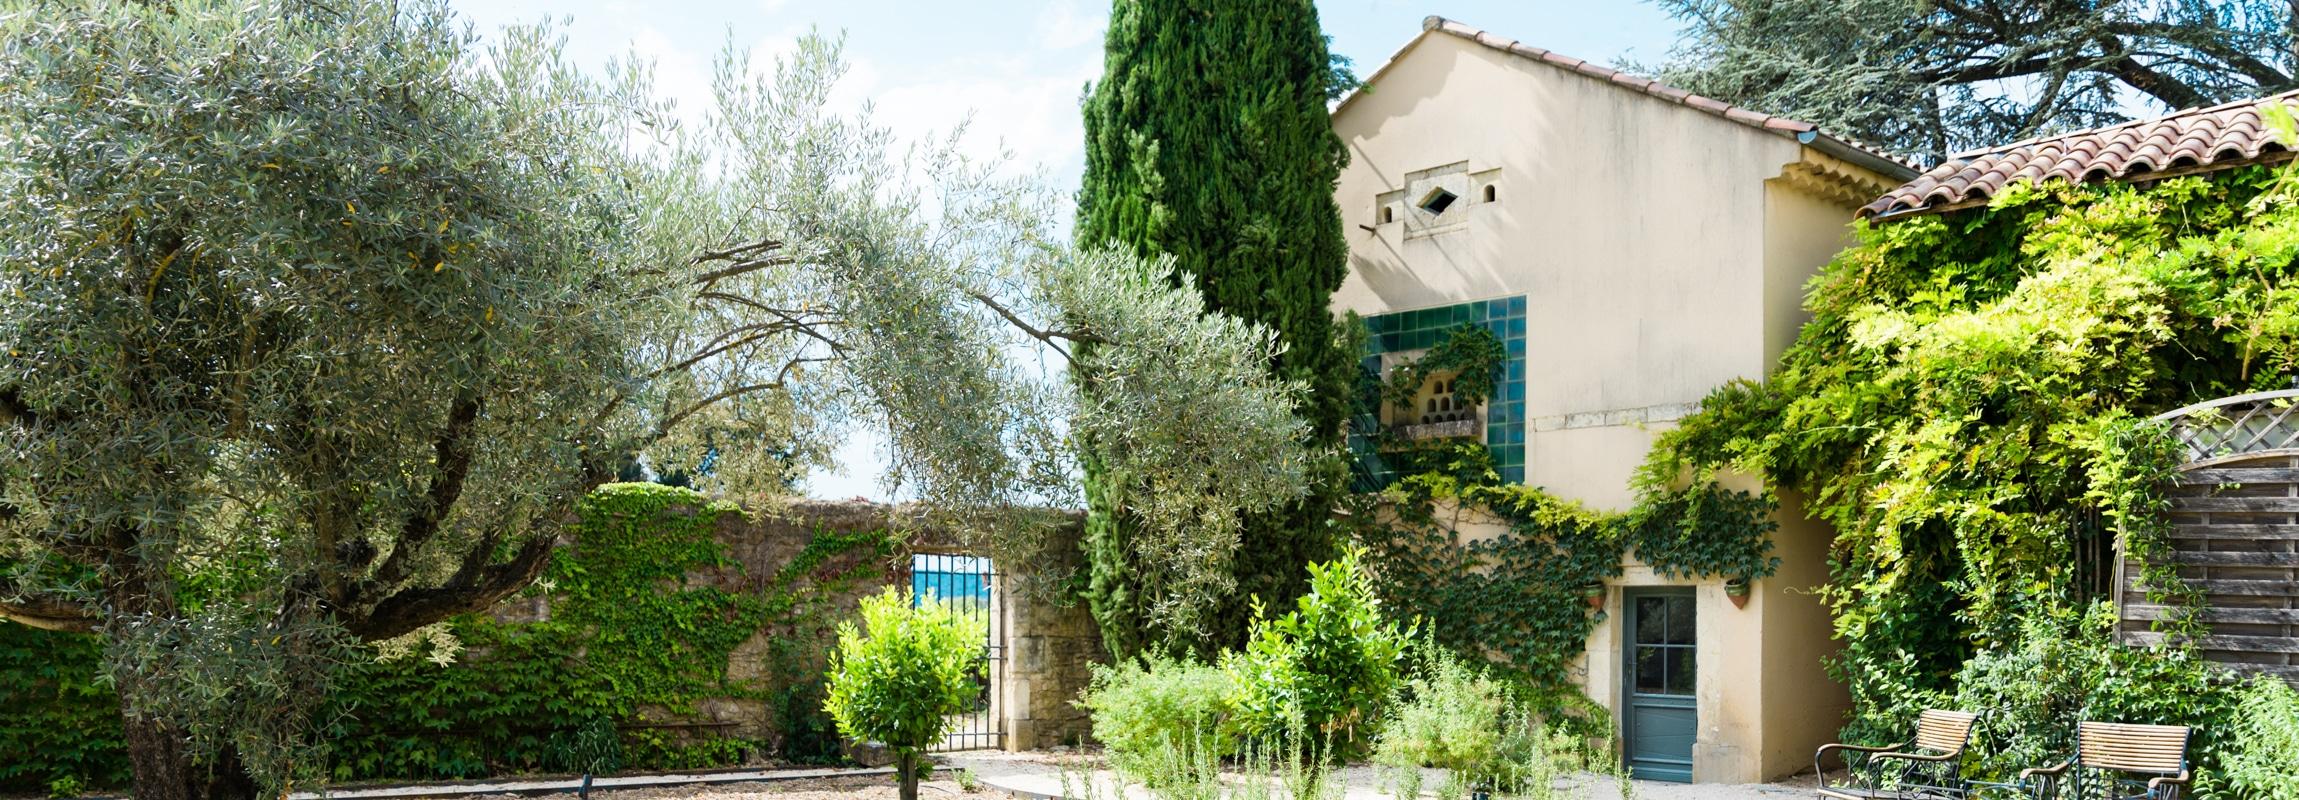 Jardin aromatique et l'ancien pigeonnier oú se trouve aujourd'hui le laboratoire du chef